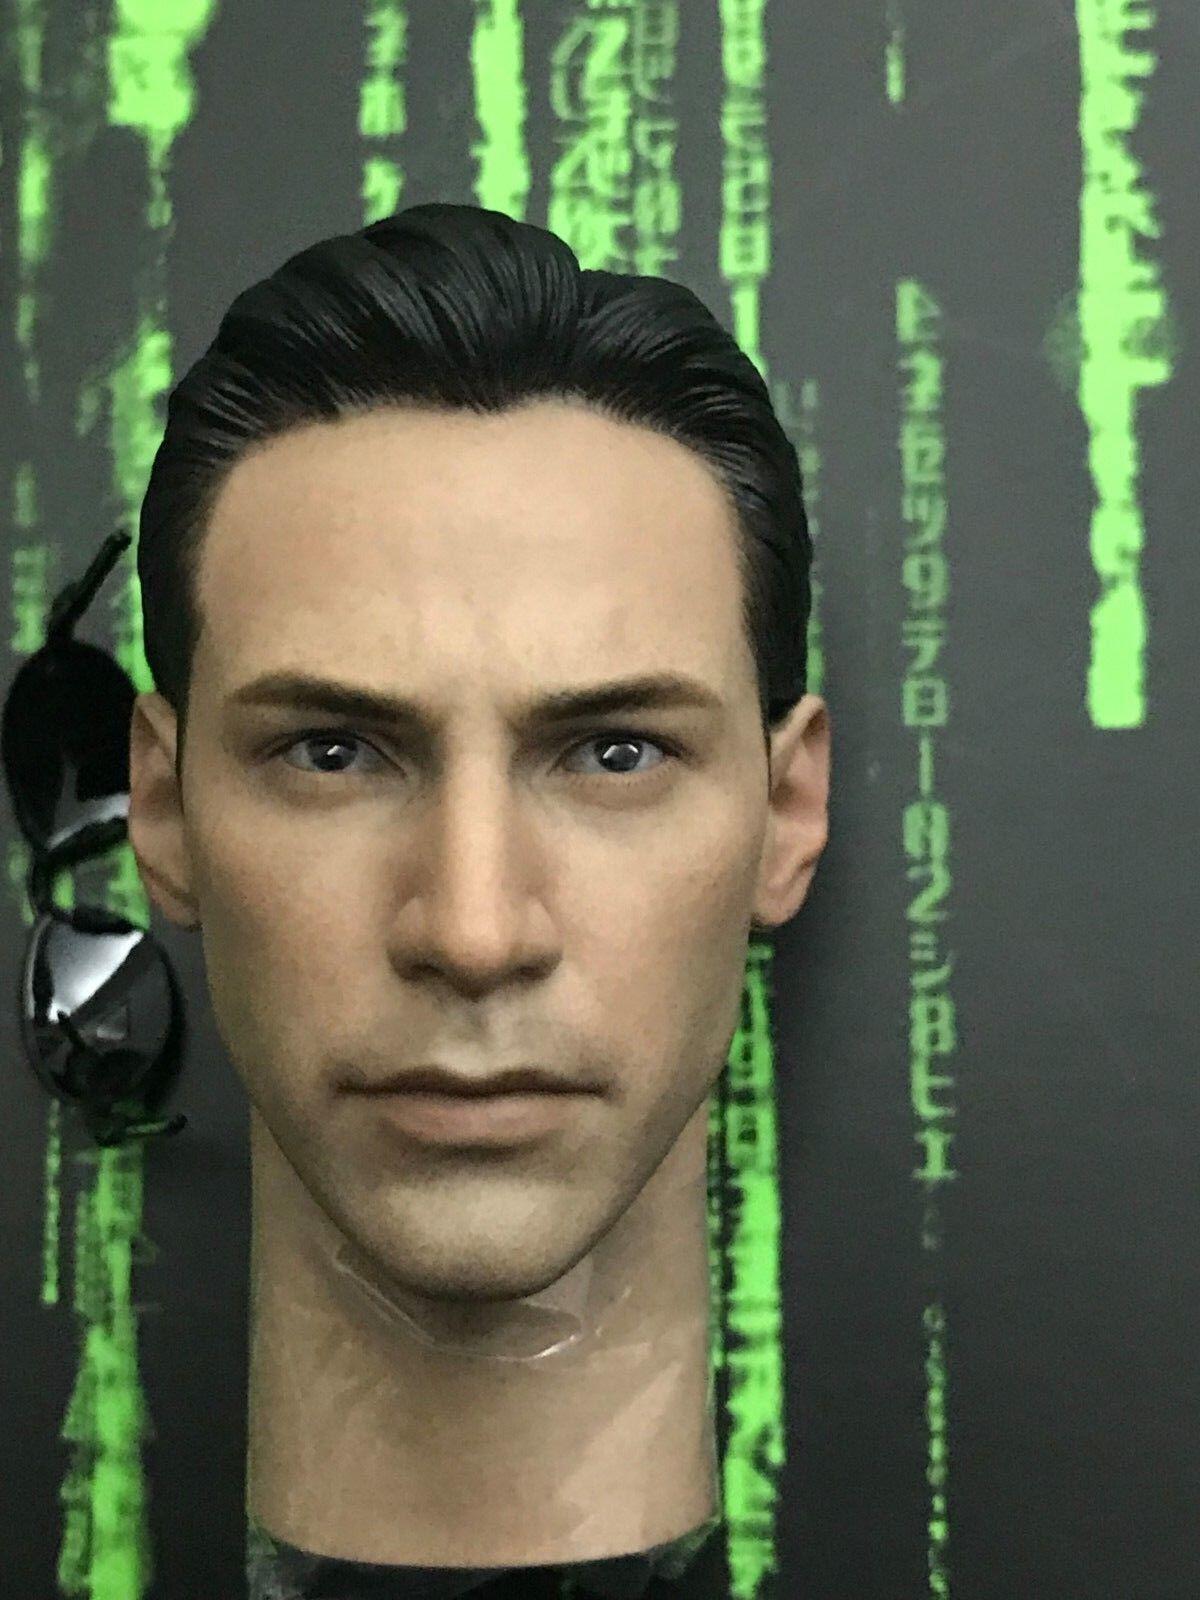 Calientegiocattoli The Matrix NEO MMS466  - 1 6th Head Sculpt & Specs  garanzia di credito